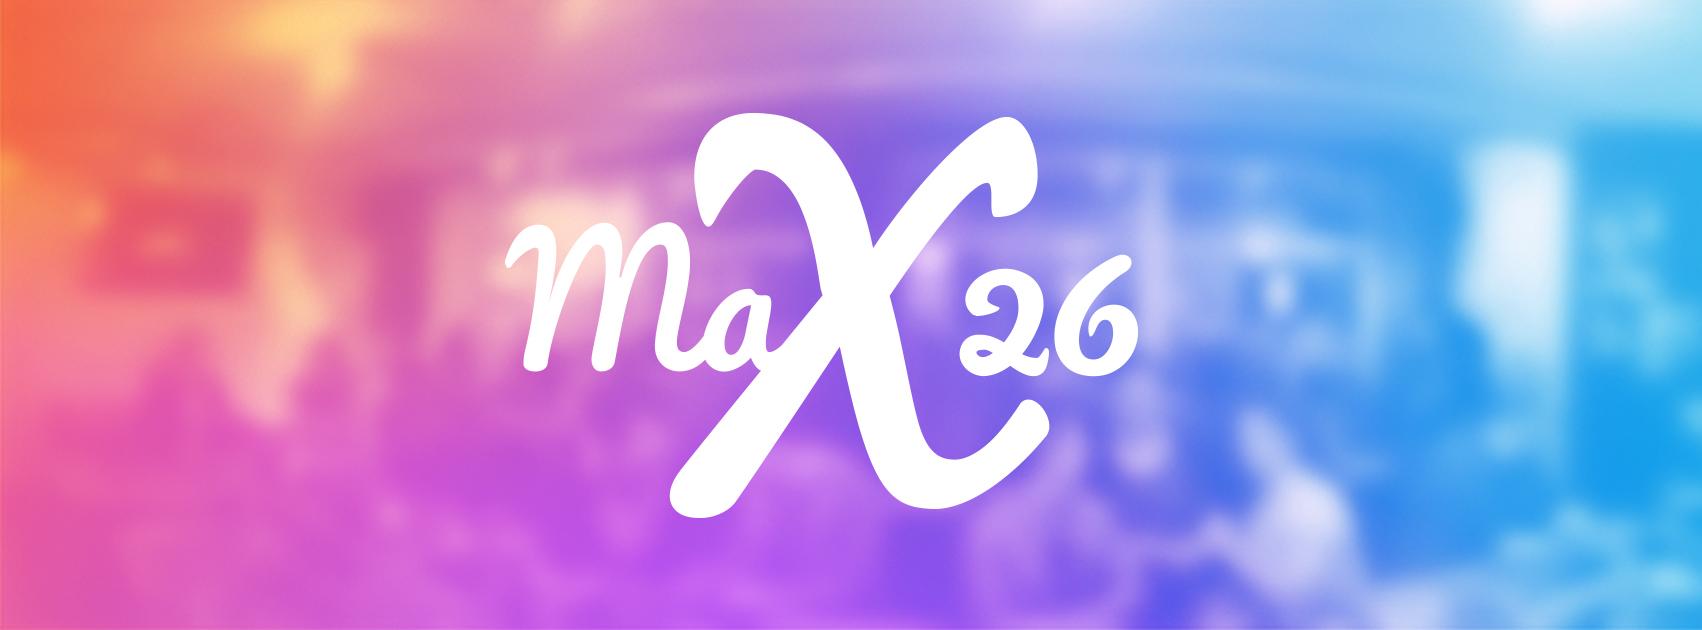 Max26 Facebook